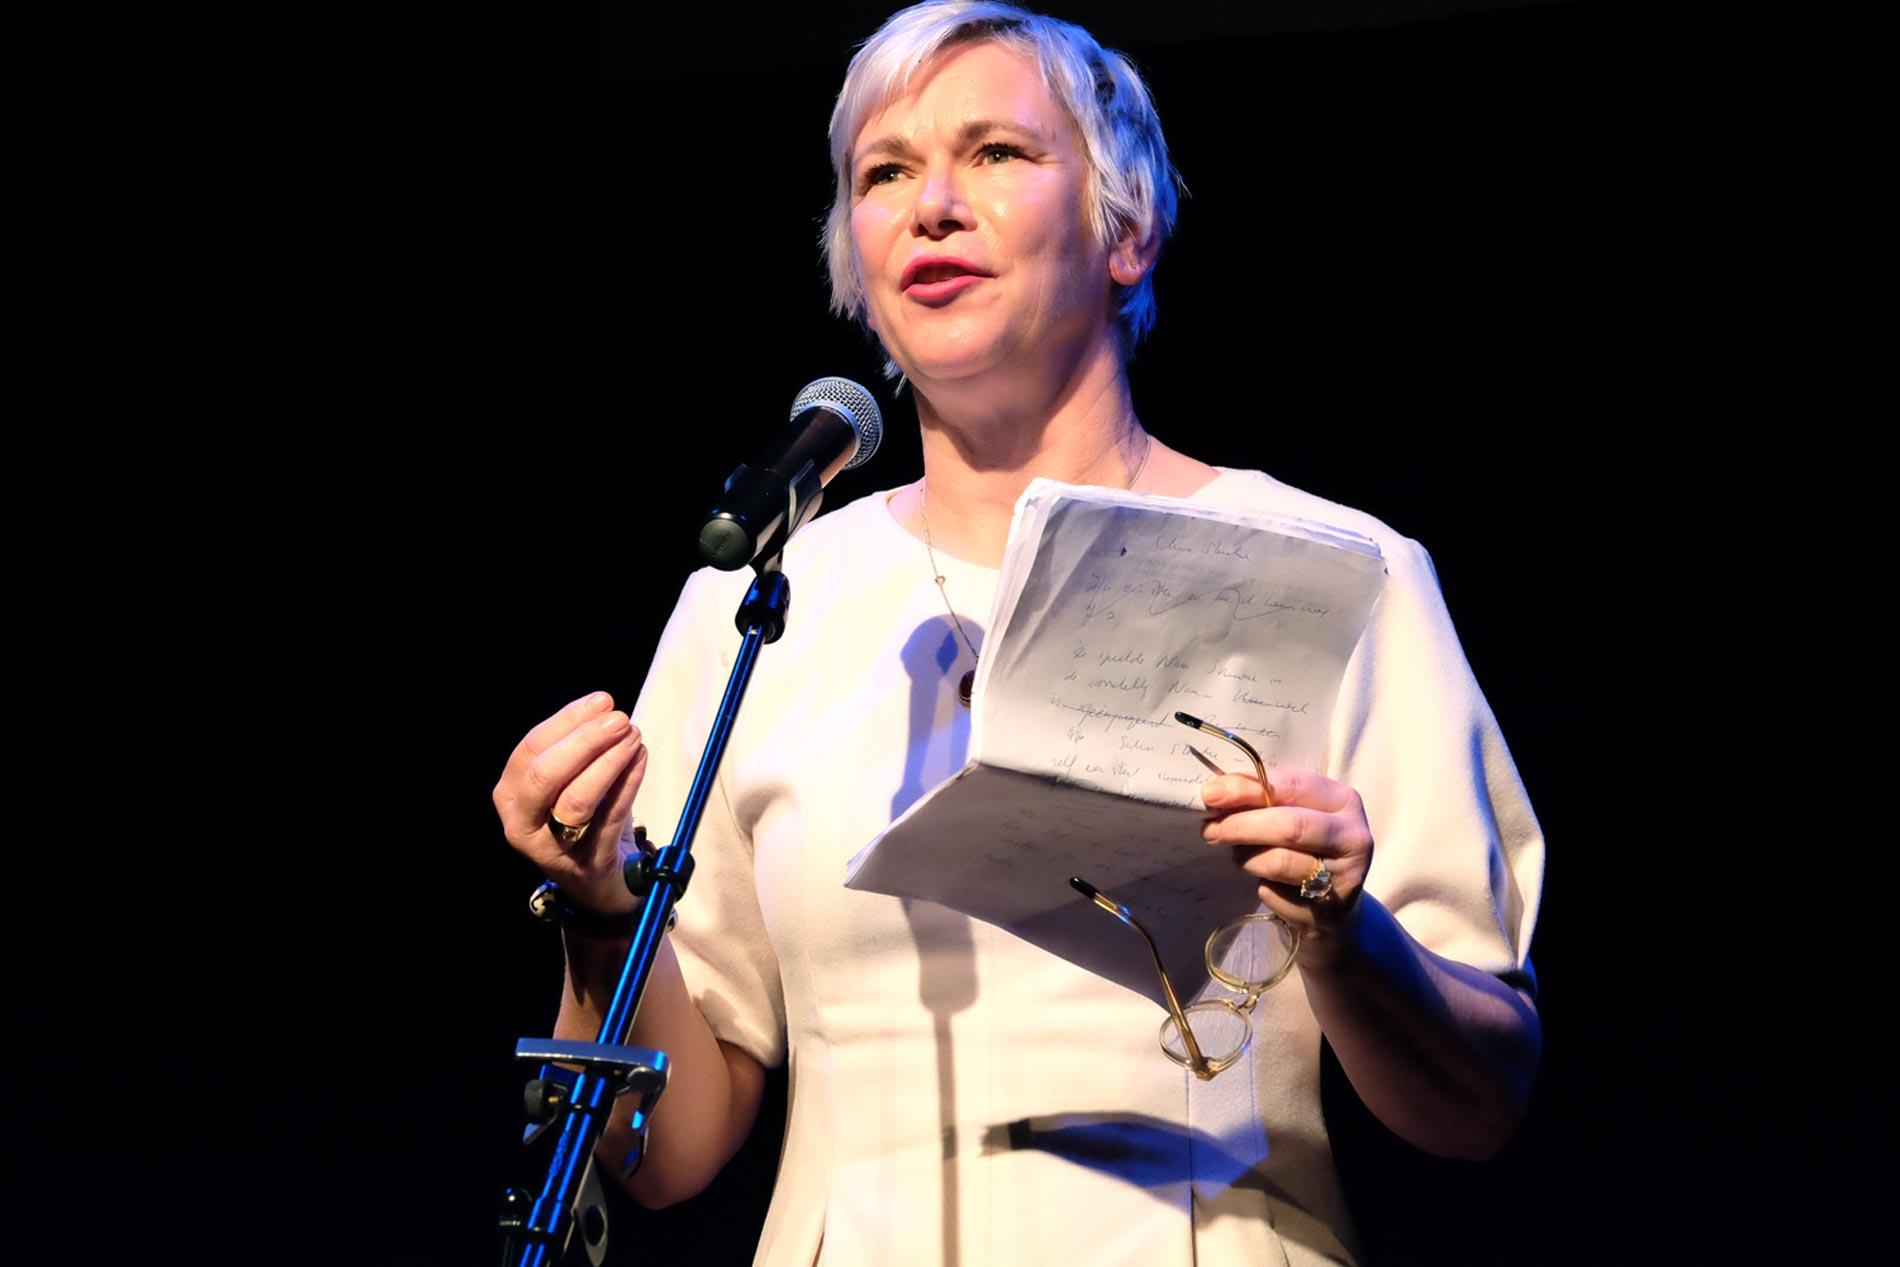 Edinburgh Bookfestival